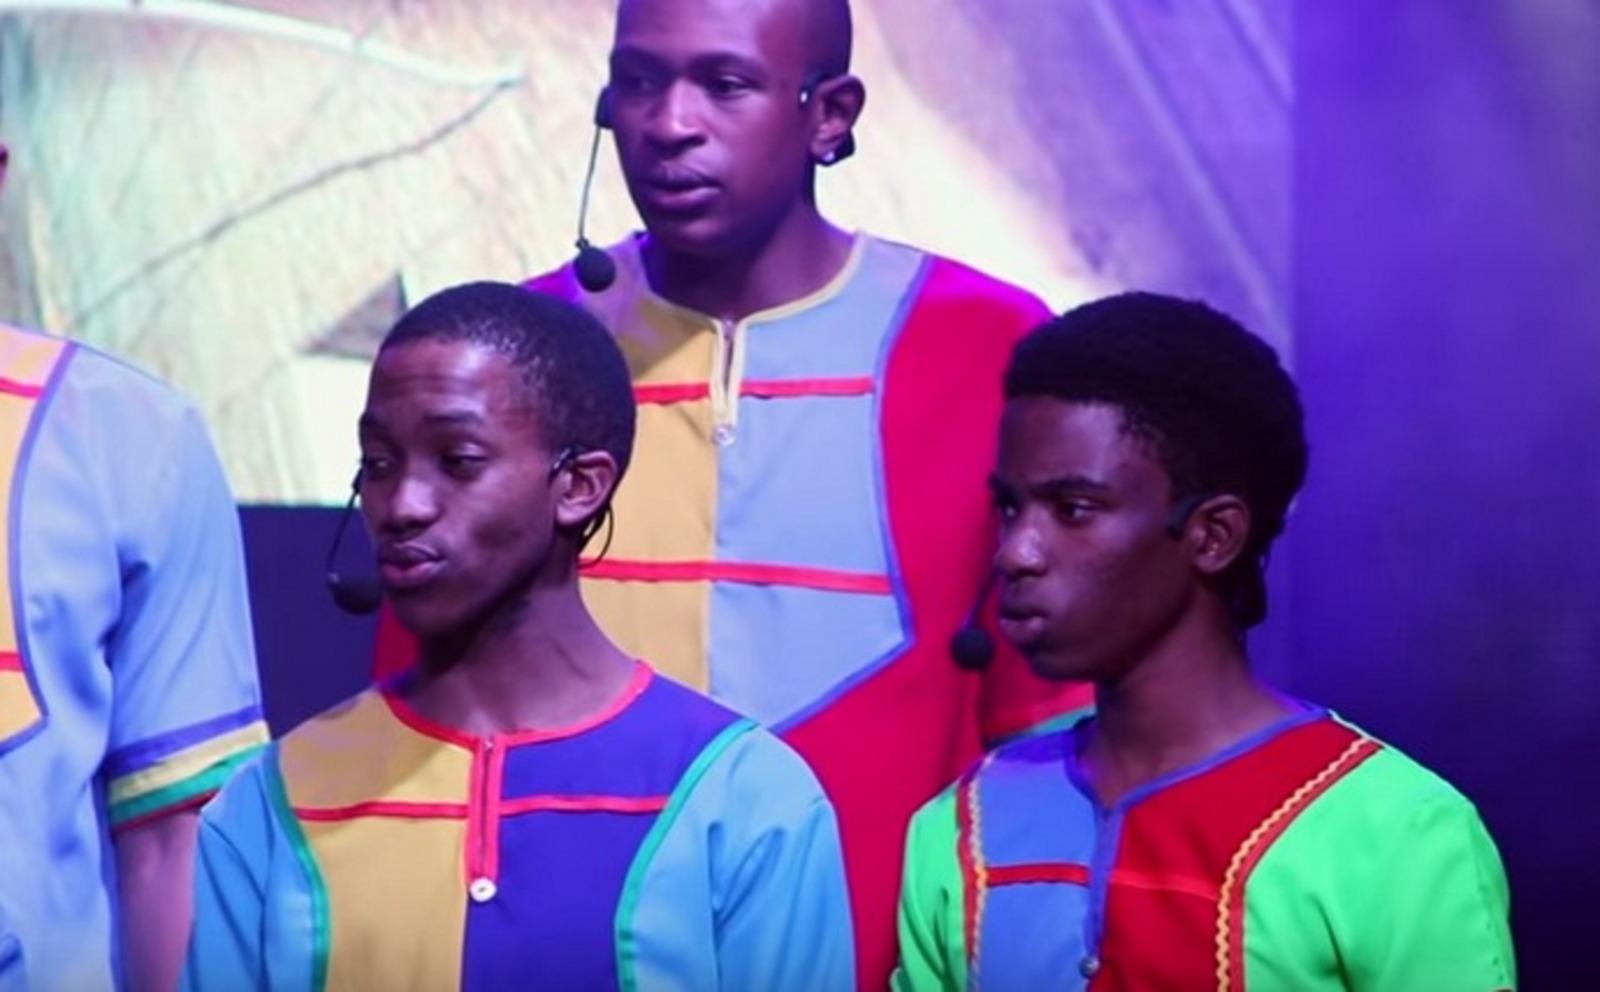 מיוחד: הילדים האפריקאים שרו עם הזמר החרדי